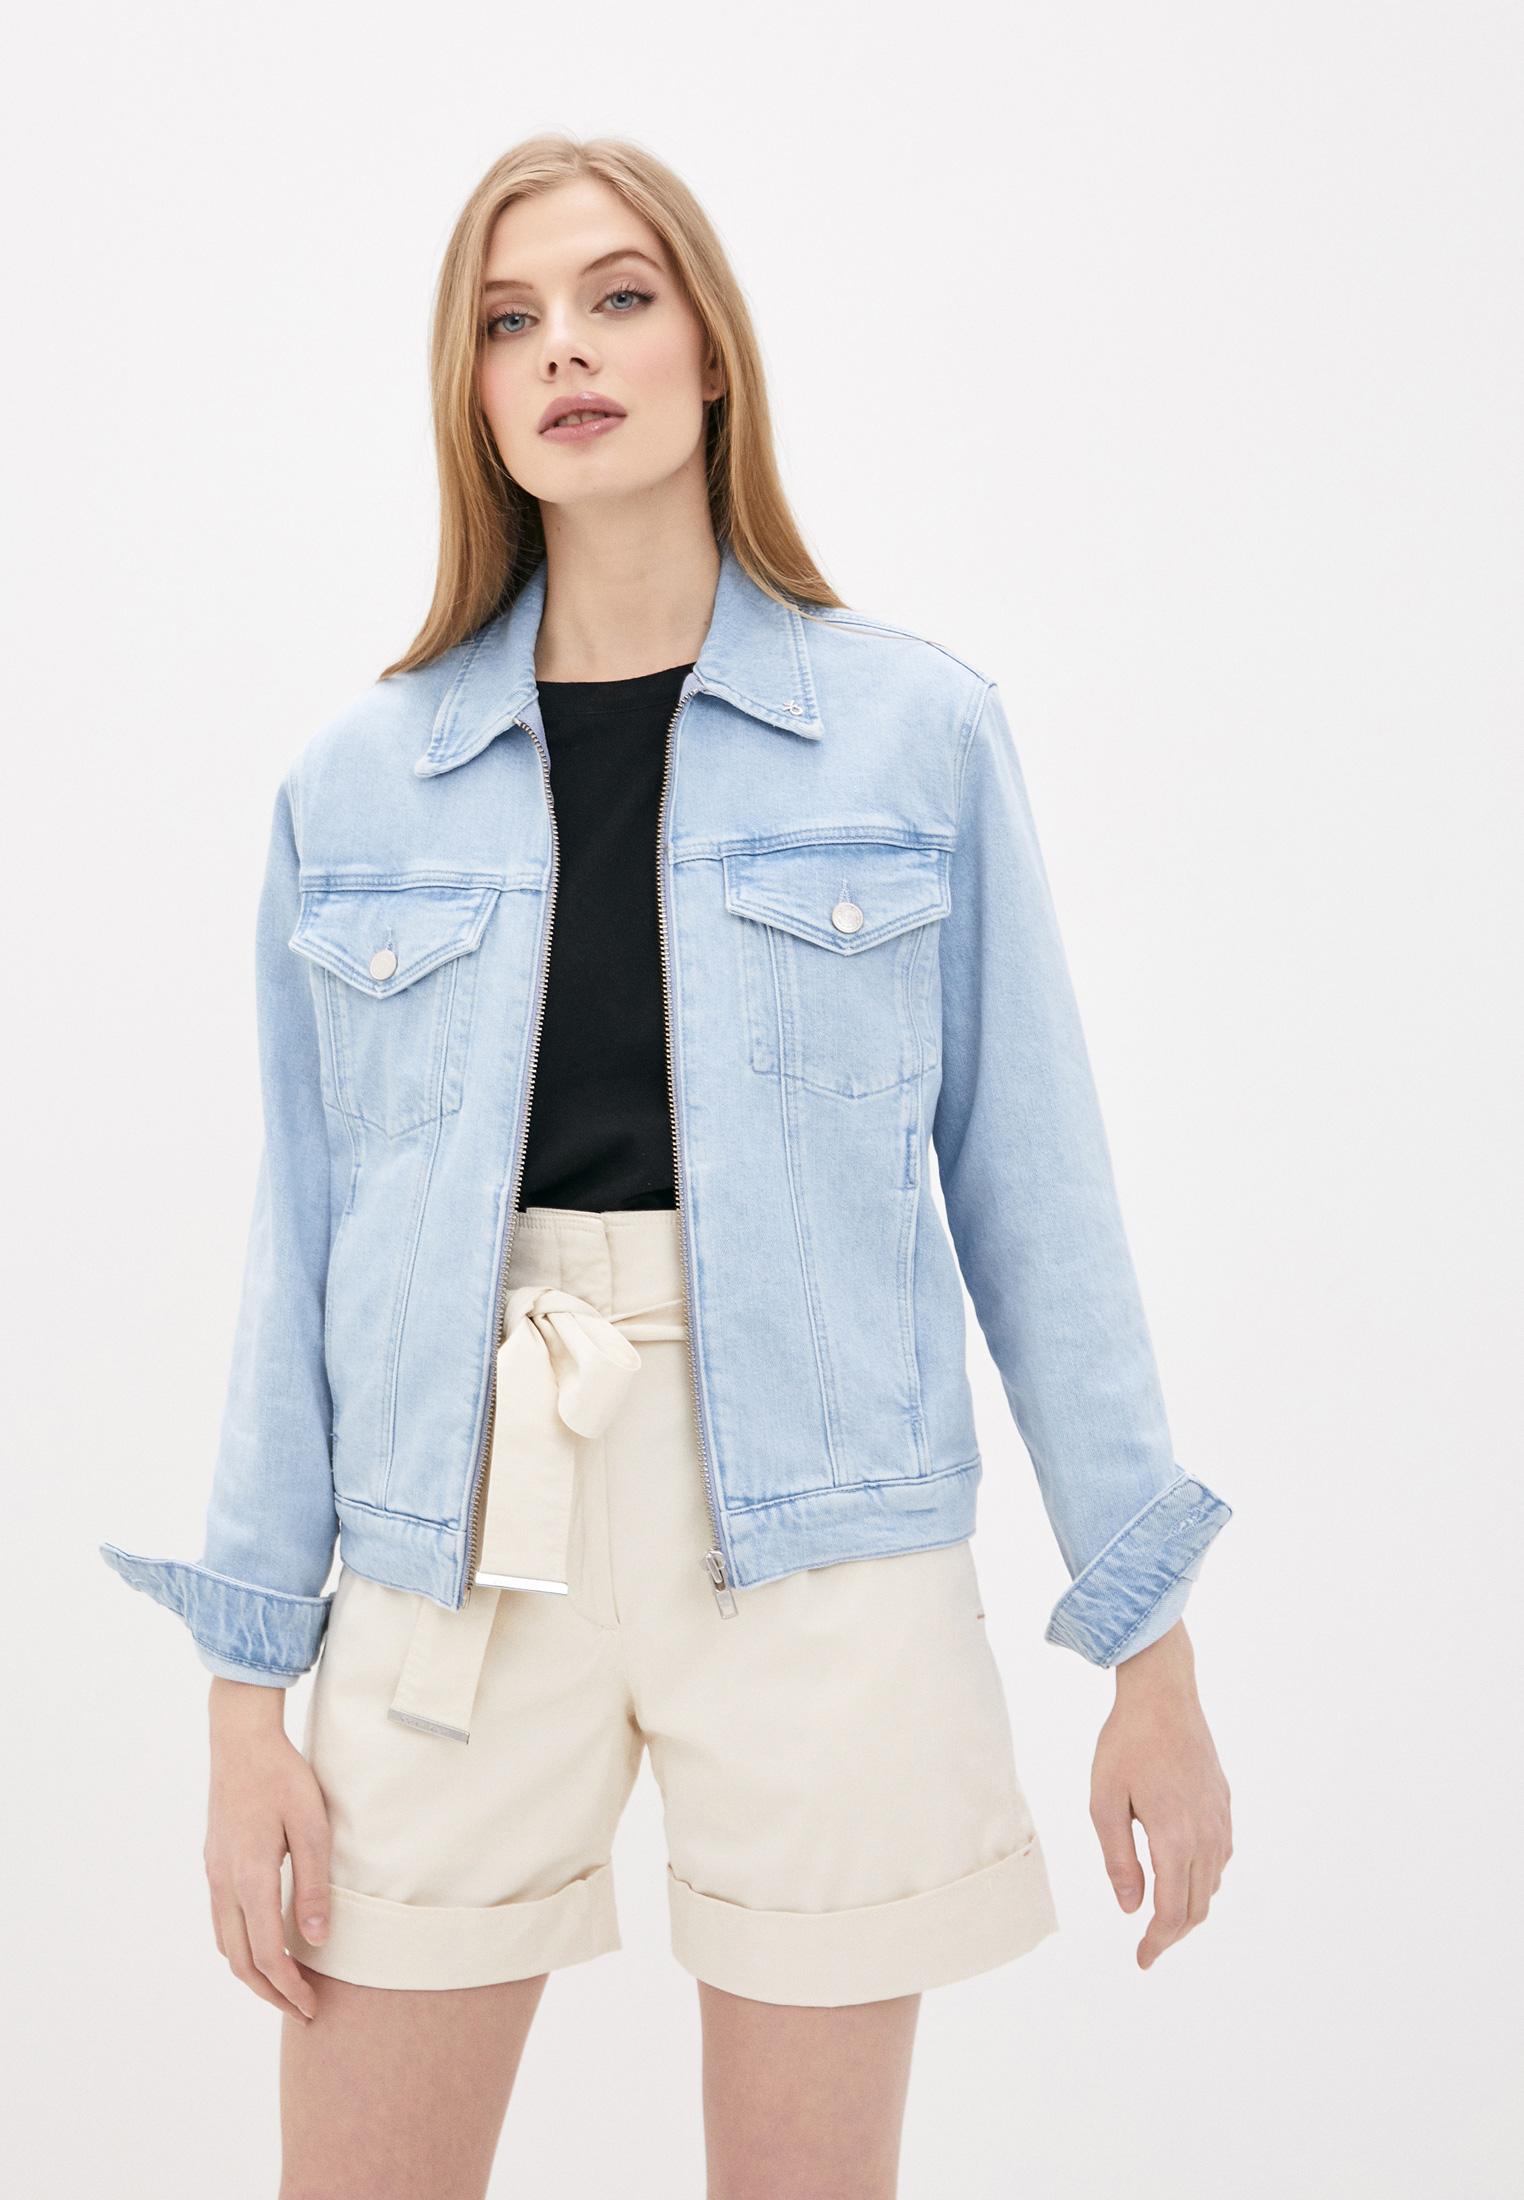 Джинсовая куртка Calvin Klein (Кельвин Кляйн) K20k201915